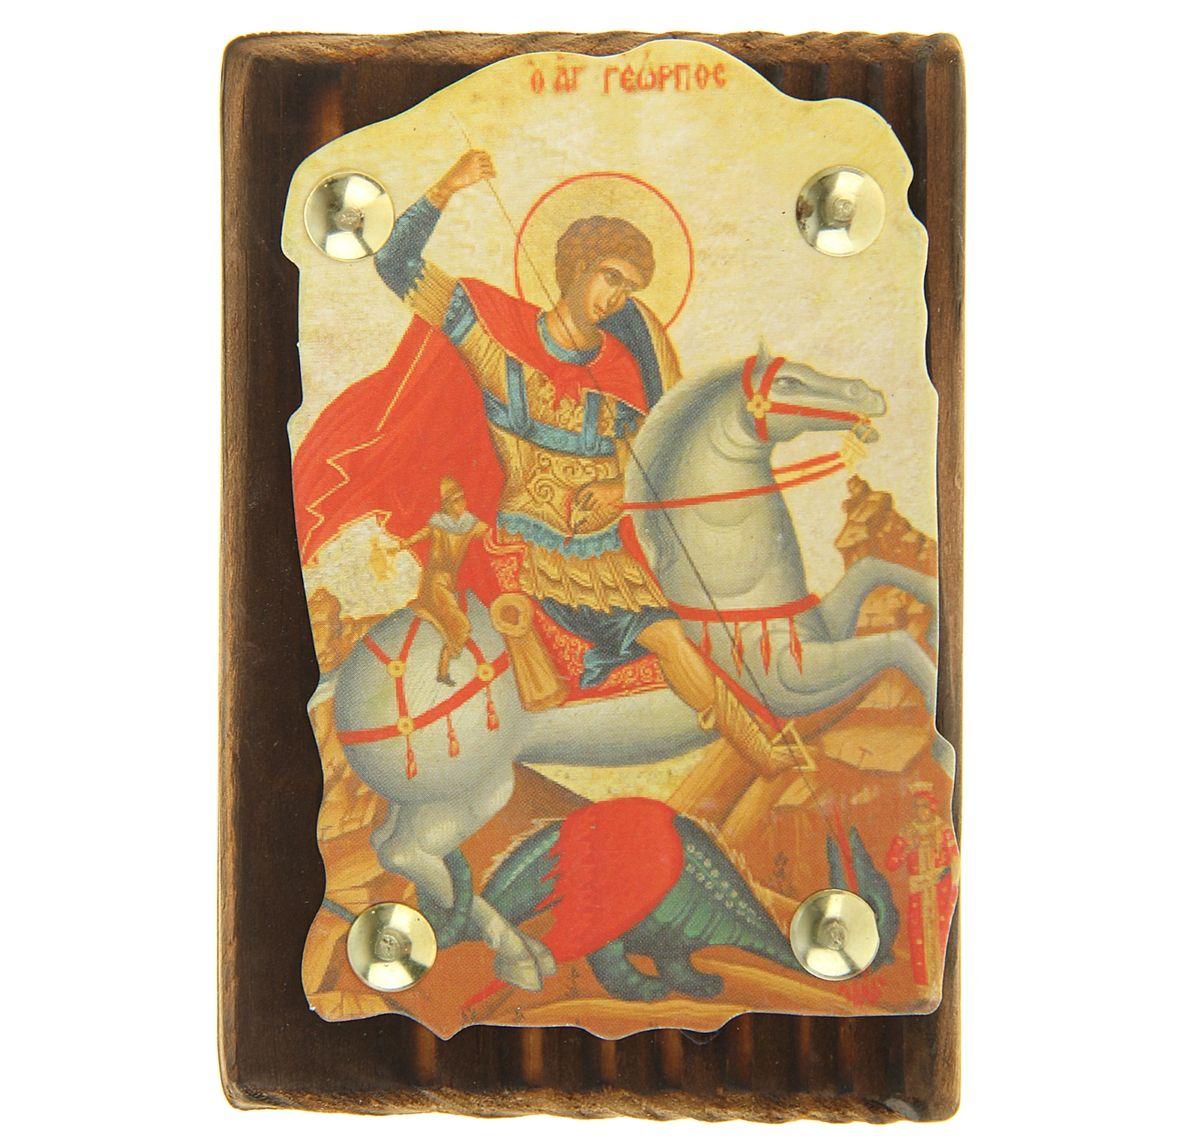 Икона Георгий Победоносец, 7,5 см х 11 см137009Икона Георгий Победоносец выполнена из картона, с нанесенным изображением, который крепиться на деревянную дощечку, обработанную огнем. На обратной стороне имеется отверстие, благодаря которому икону удобно вешать на стену. Изображенный образ полностью соответствует канонам Русской Православной Церкви. Такая икона будет прекрасным подарком с духовной составляющей.